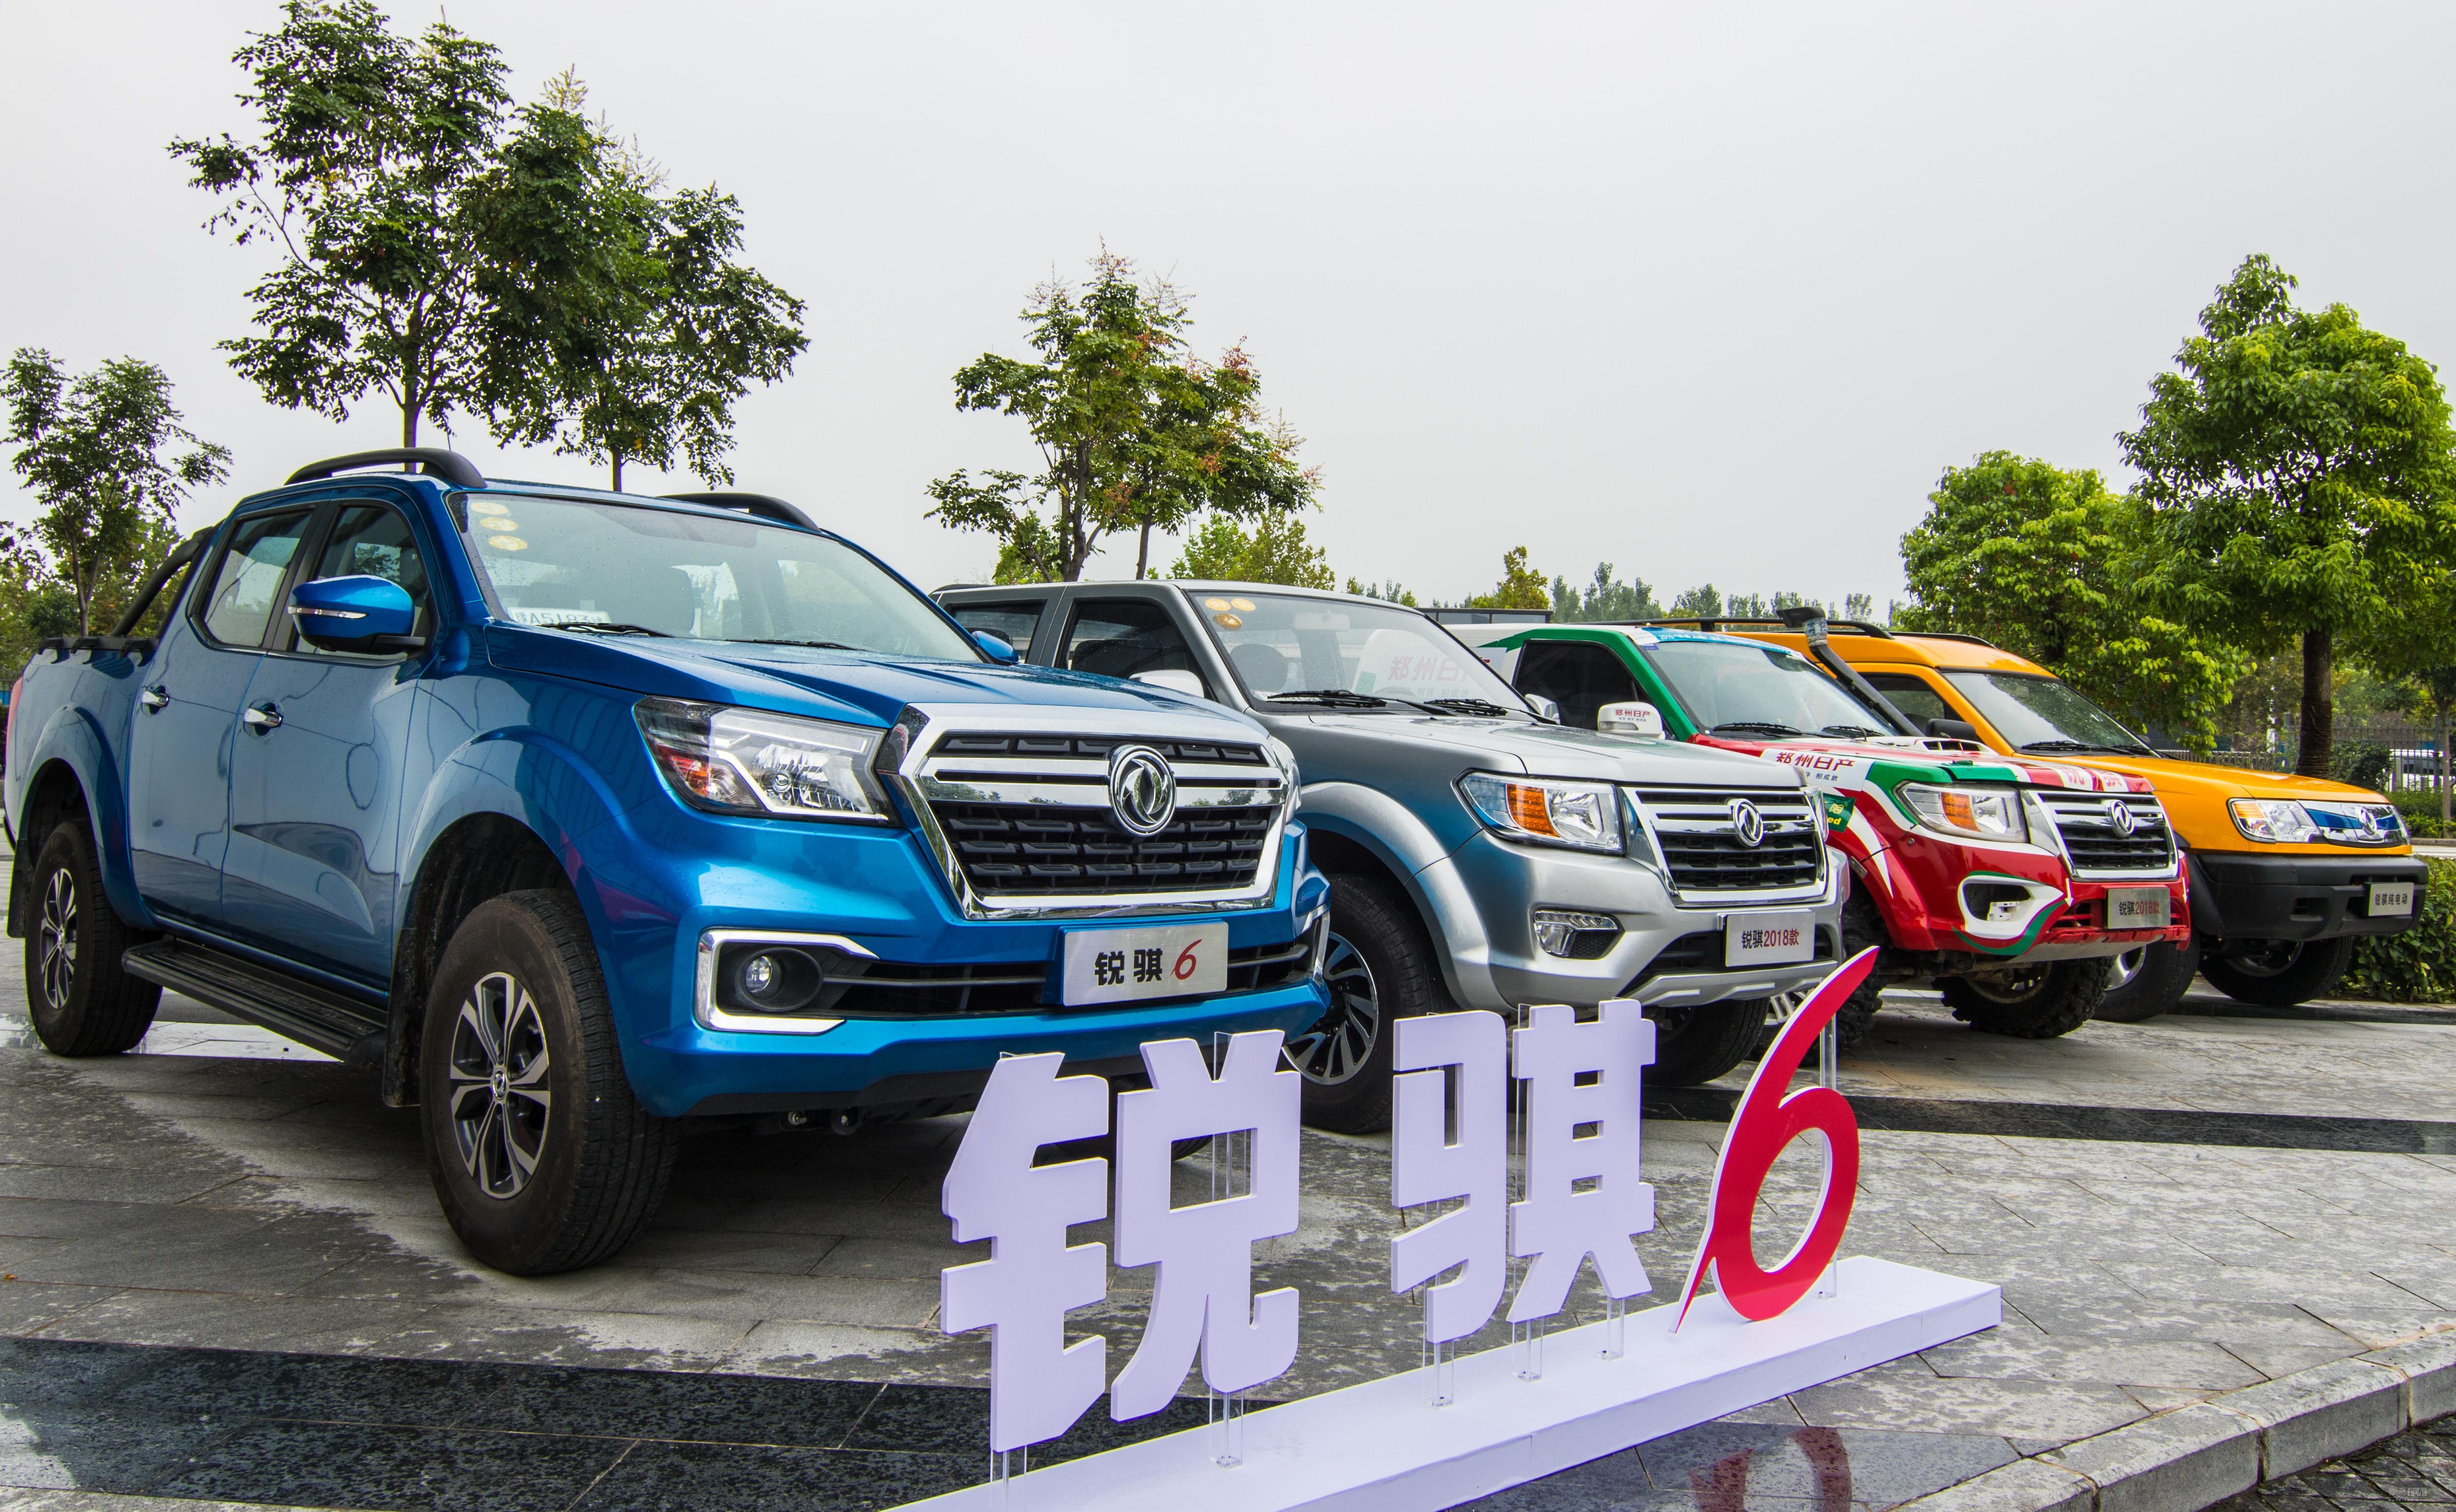 品牌融合加速 东风有限多线布局逐鹿中原